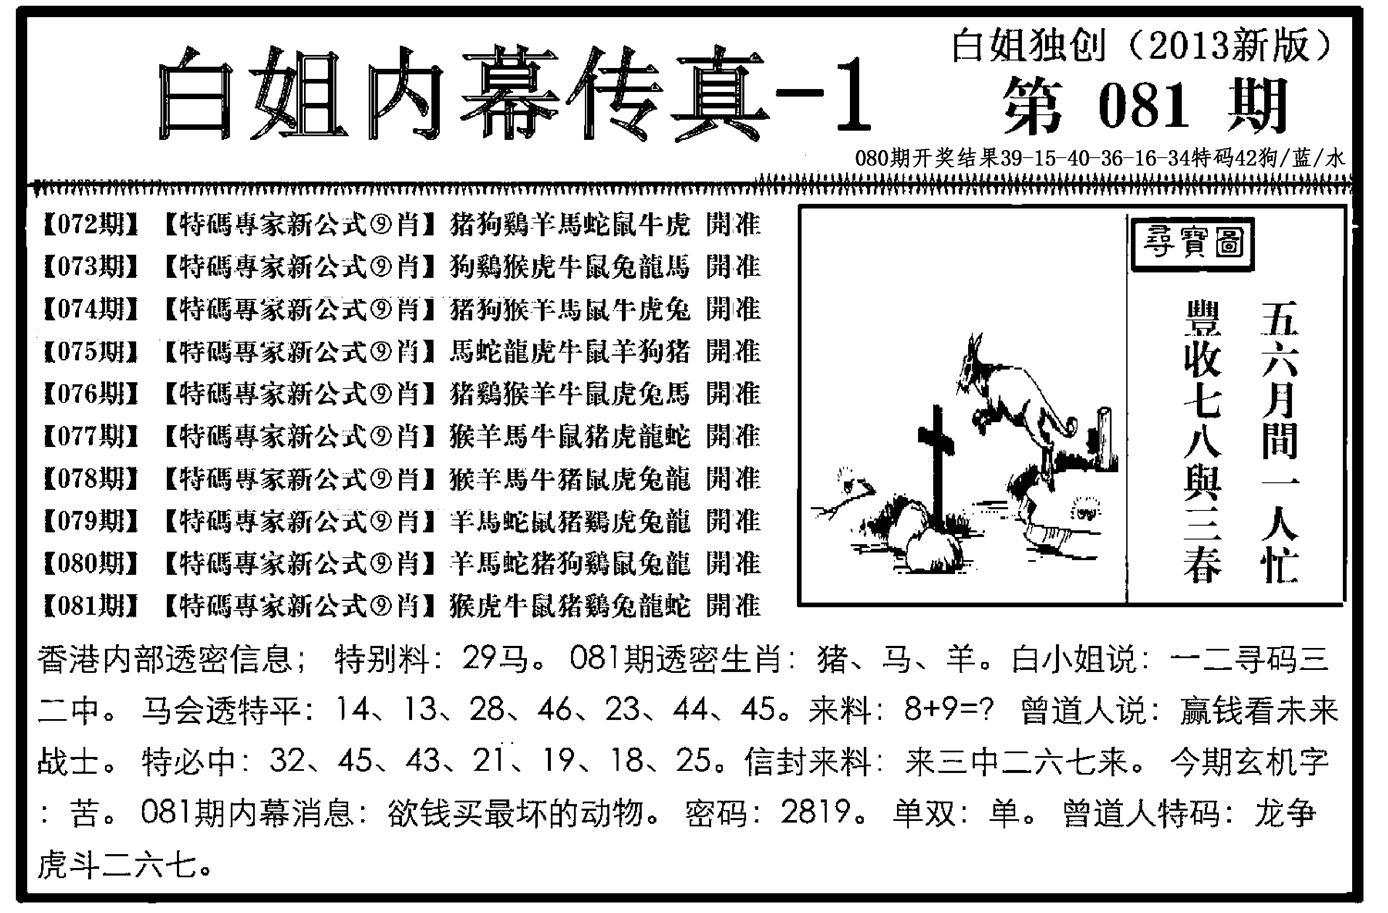 081期白姐内幕传真-1(黑白)